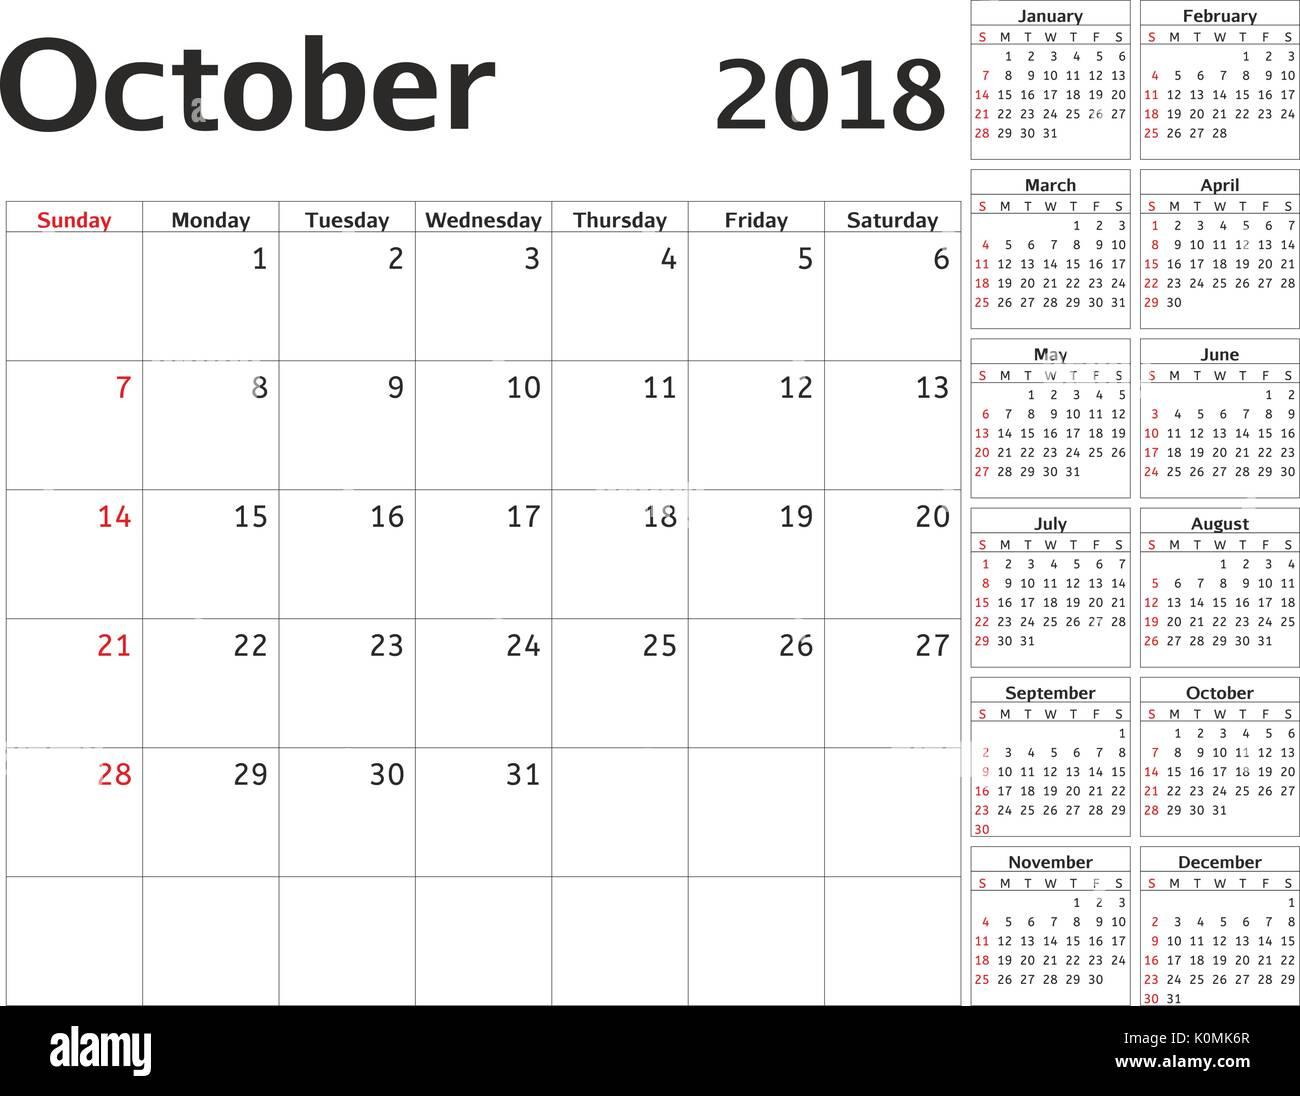 c7ffe2707651a Calendario simple planificador para el año 2018. Diseño vectorial de octubre  de plantilla. Conjunto